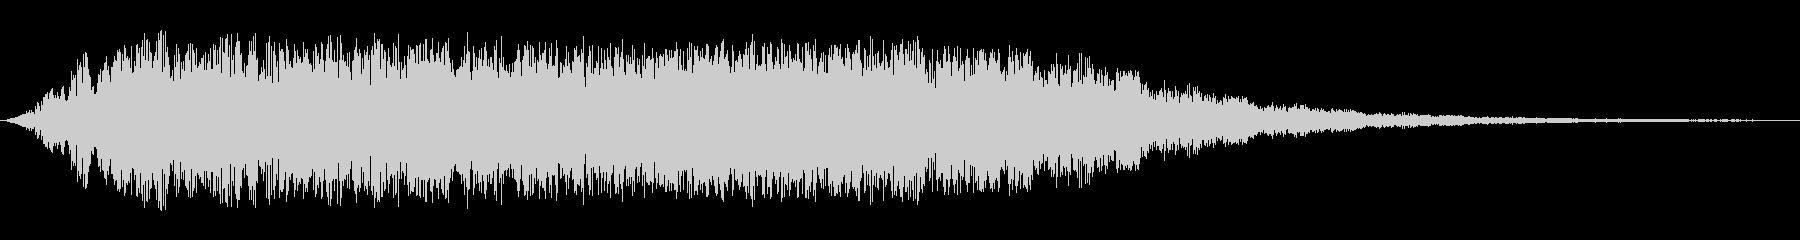 シャアアーン(澄んだ透明感ある効果音)の未再生の波形